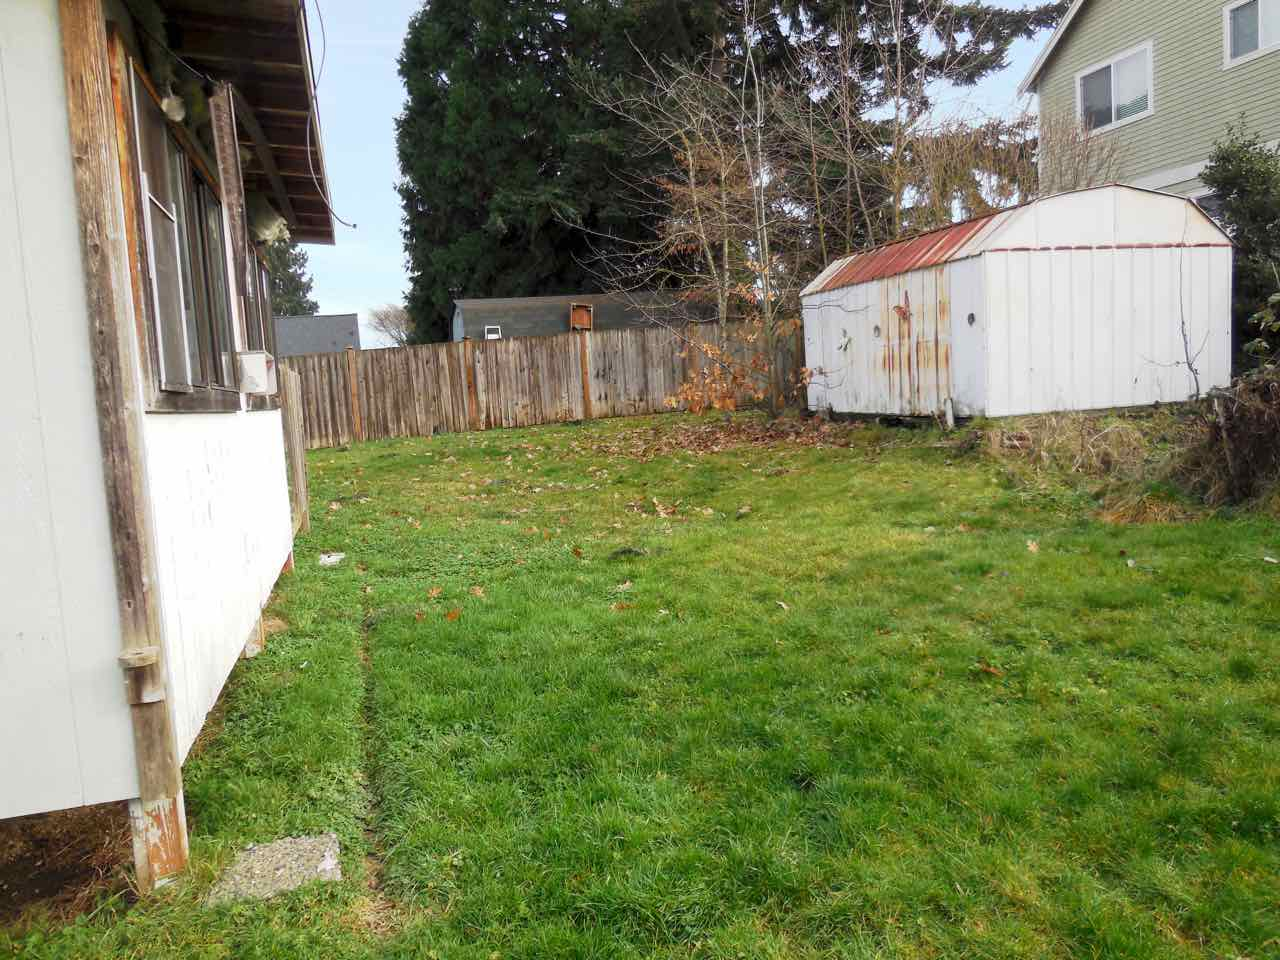 561-820190 backyard